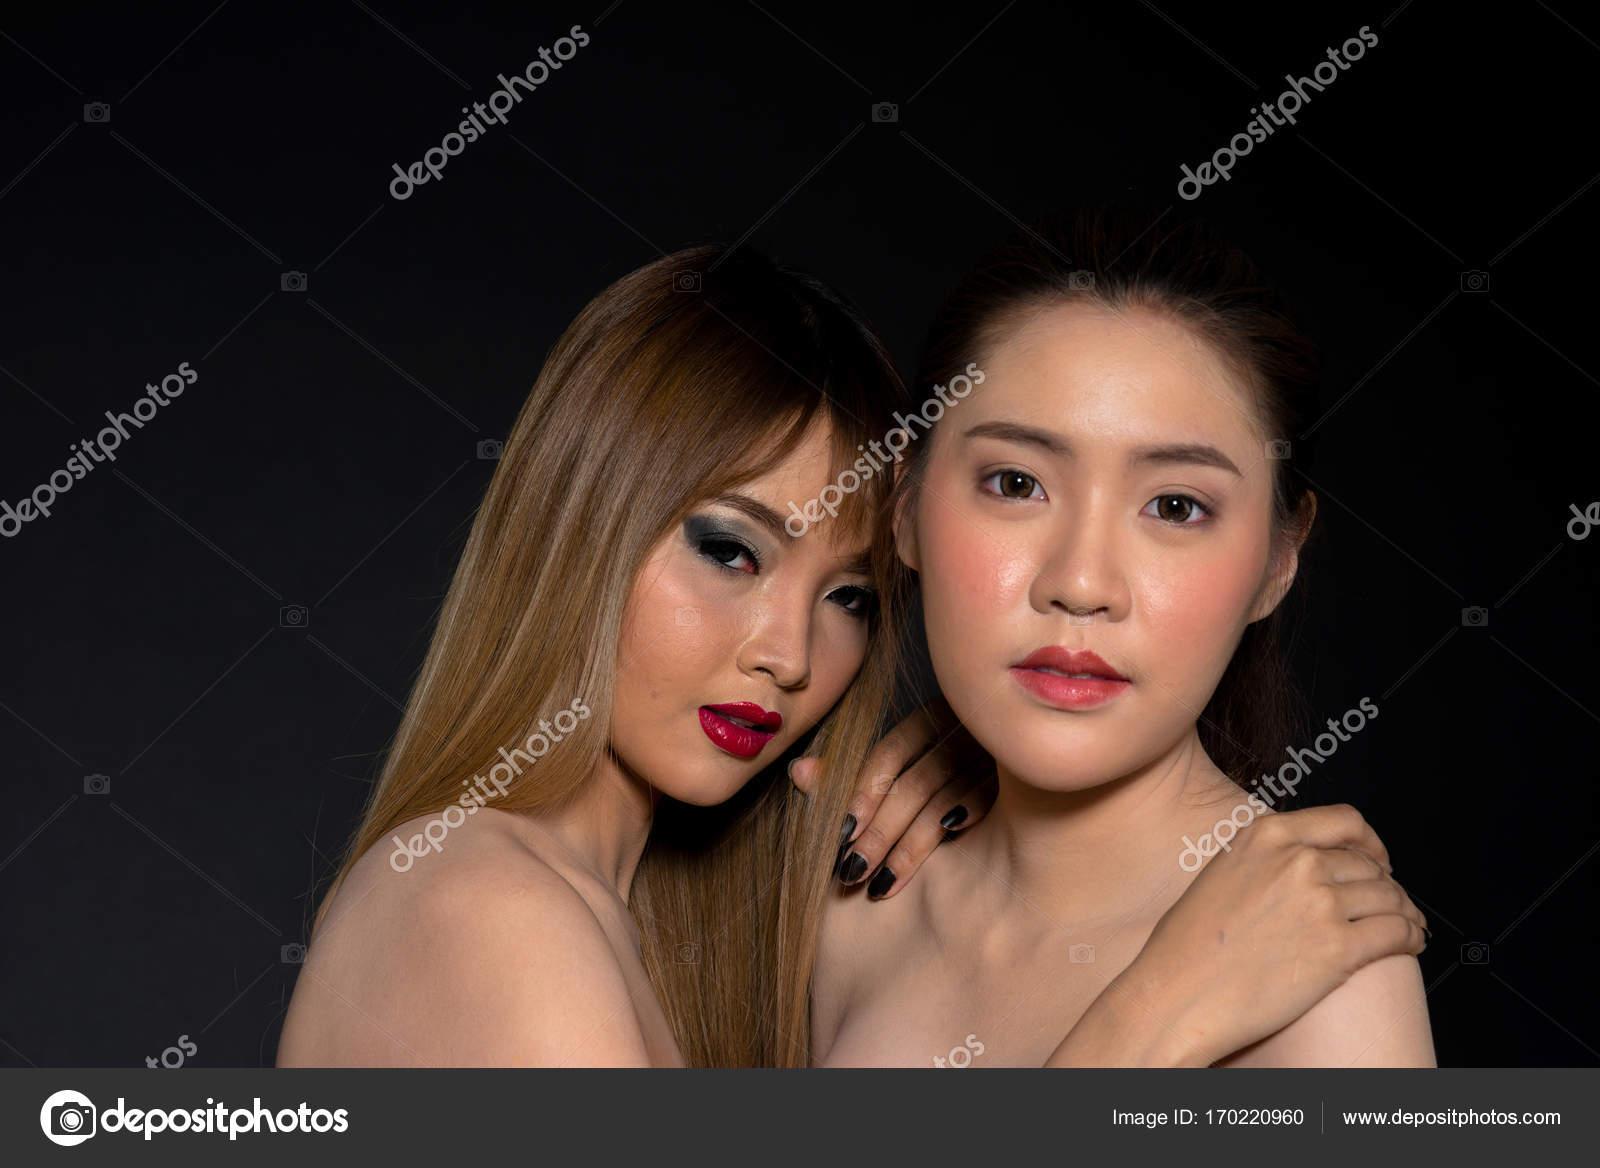 Sex tiener pic Gallery